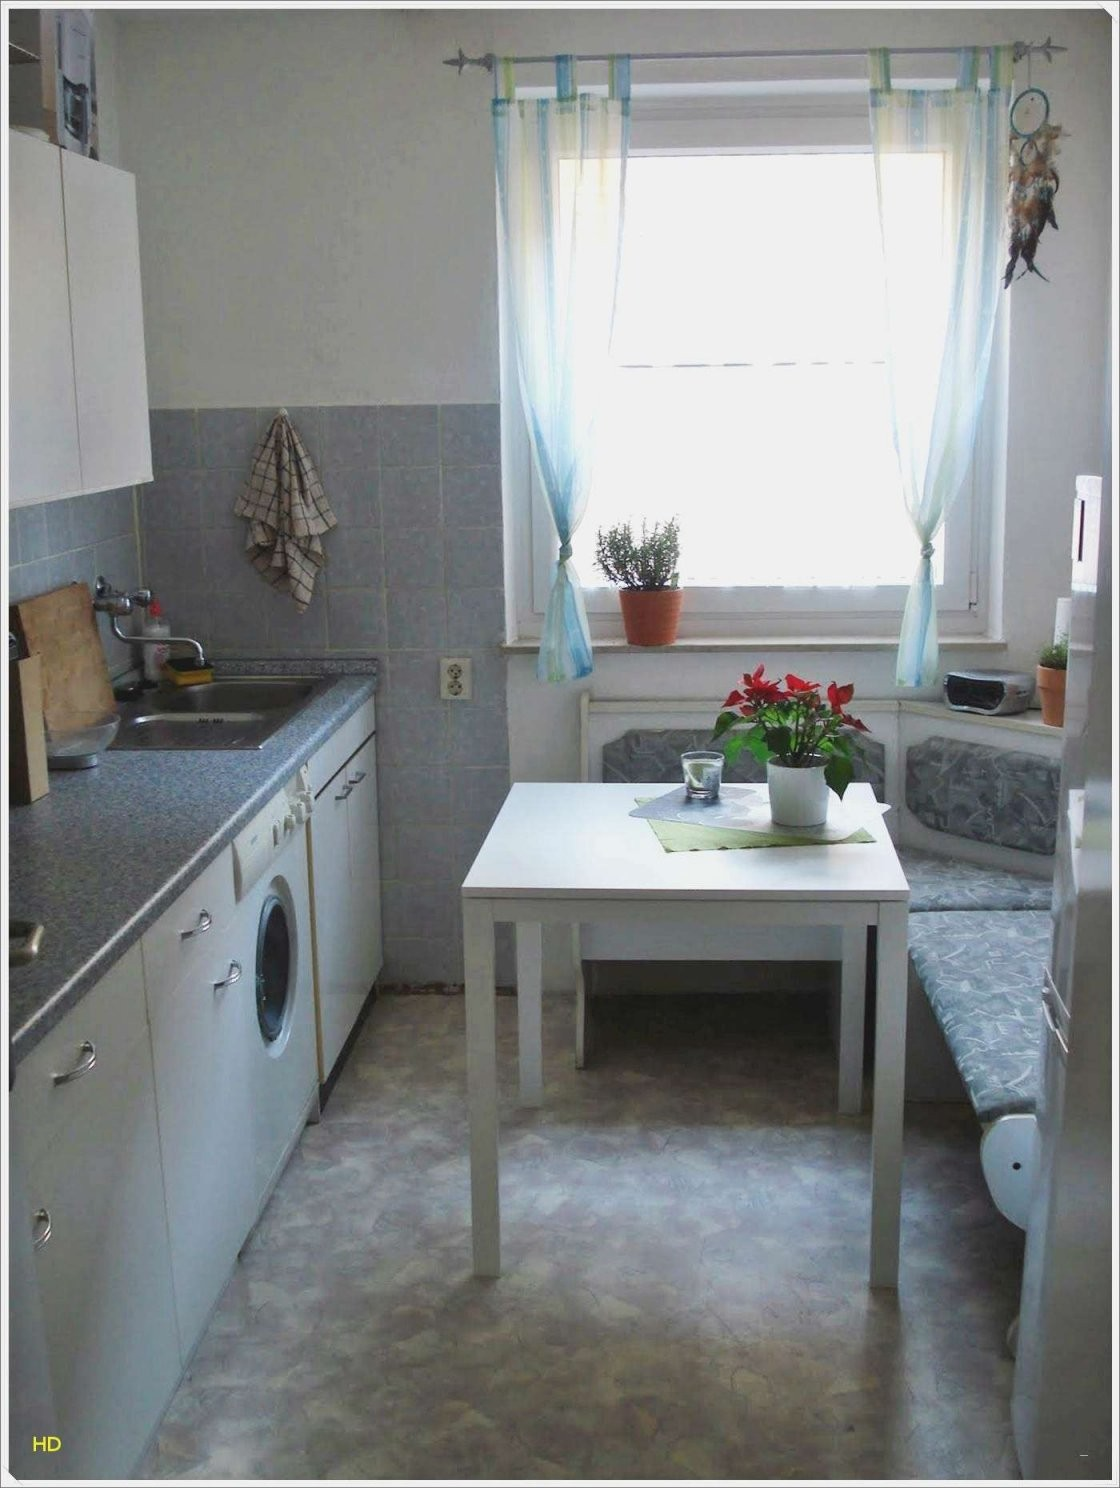 Coole Deko Ideen Zum Selbermachen Neu 20 Fresh Bemerkenswert Wohnung von Coole Deko Für Die Wohnung Photo